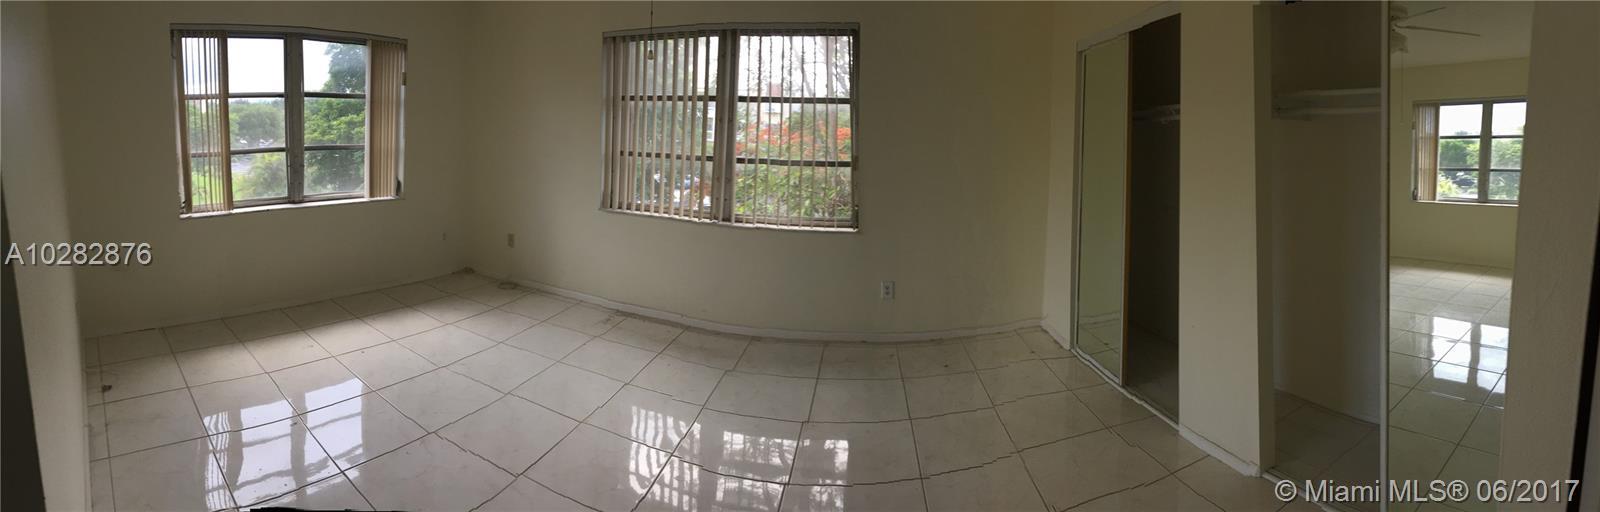 7825 Camino Real # J-311, Miami, FL 33143